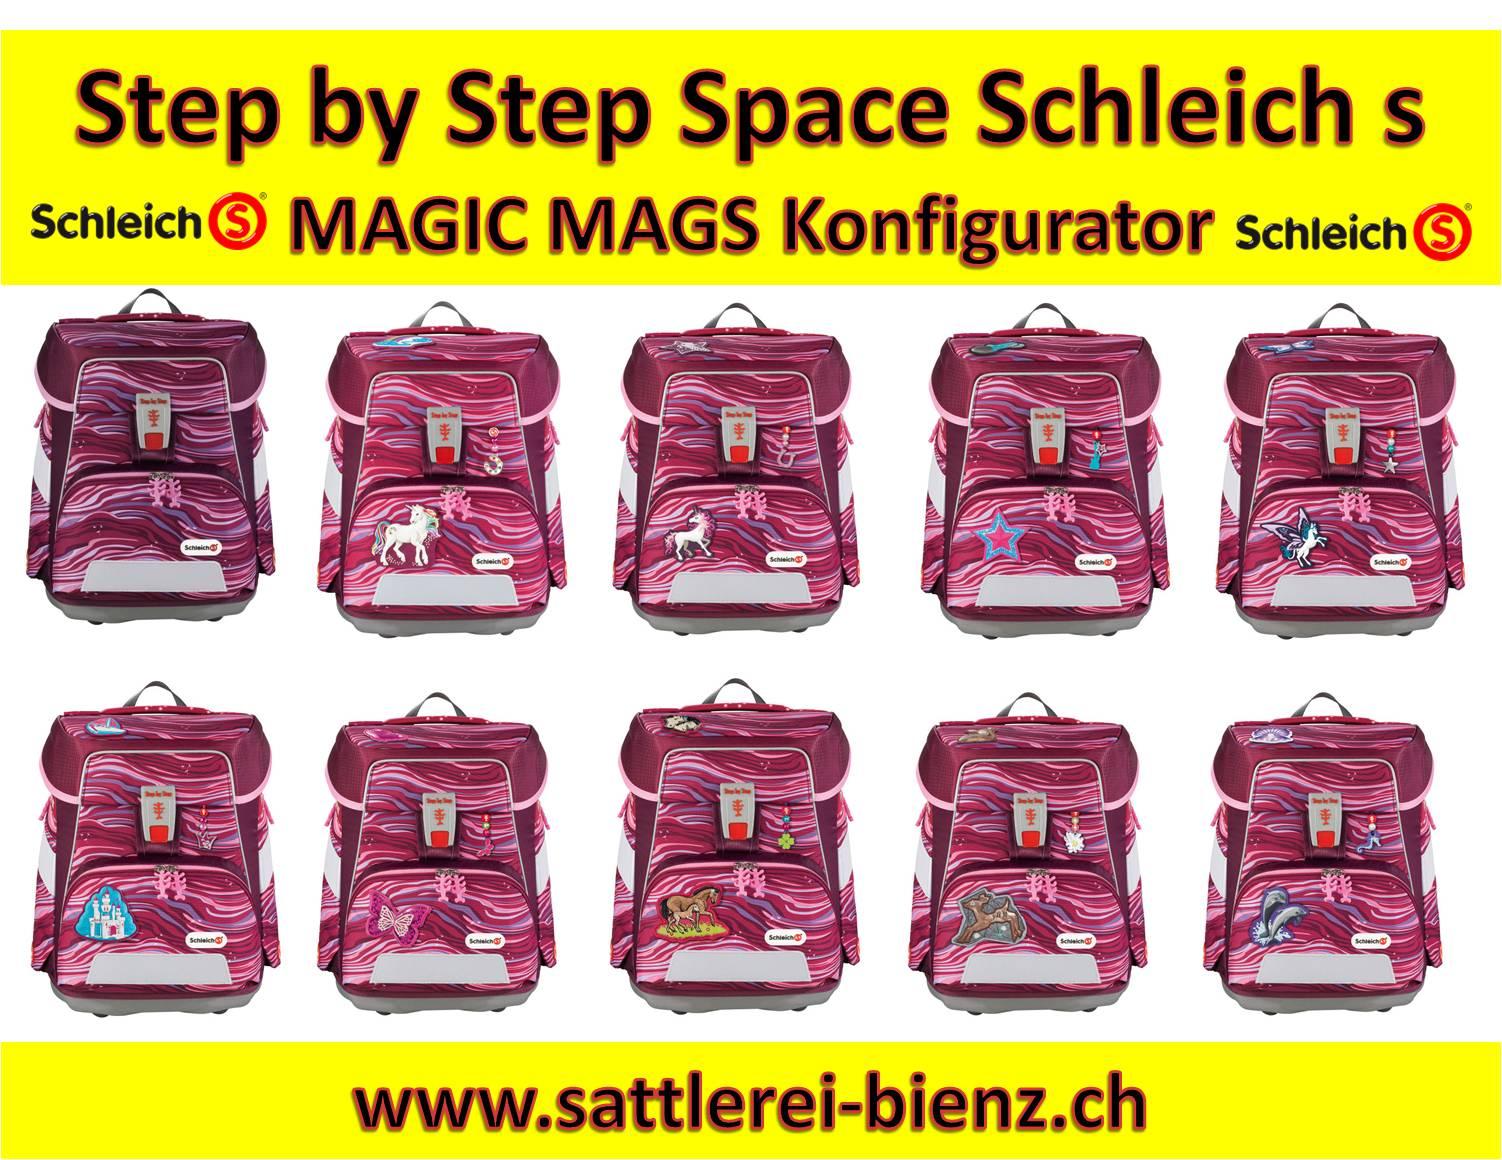 9bdd62d505b Step by Step T-Rex SPACE Schleich s limitierte Edi